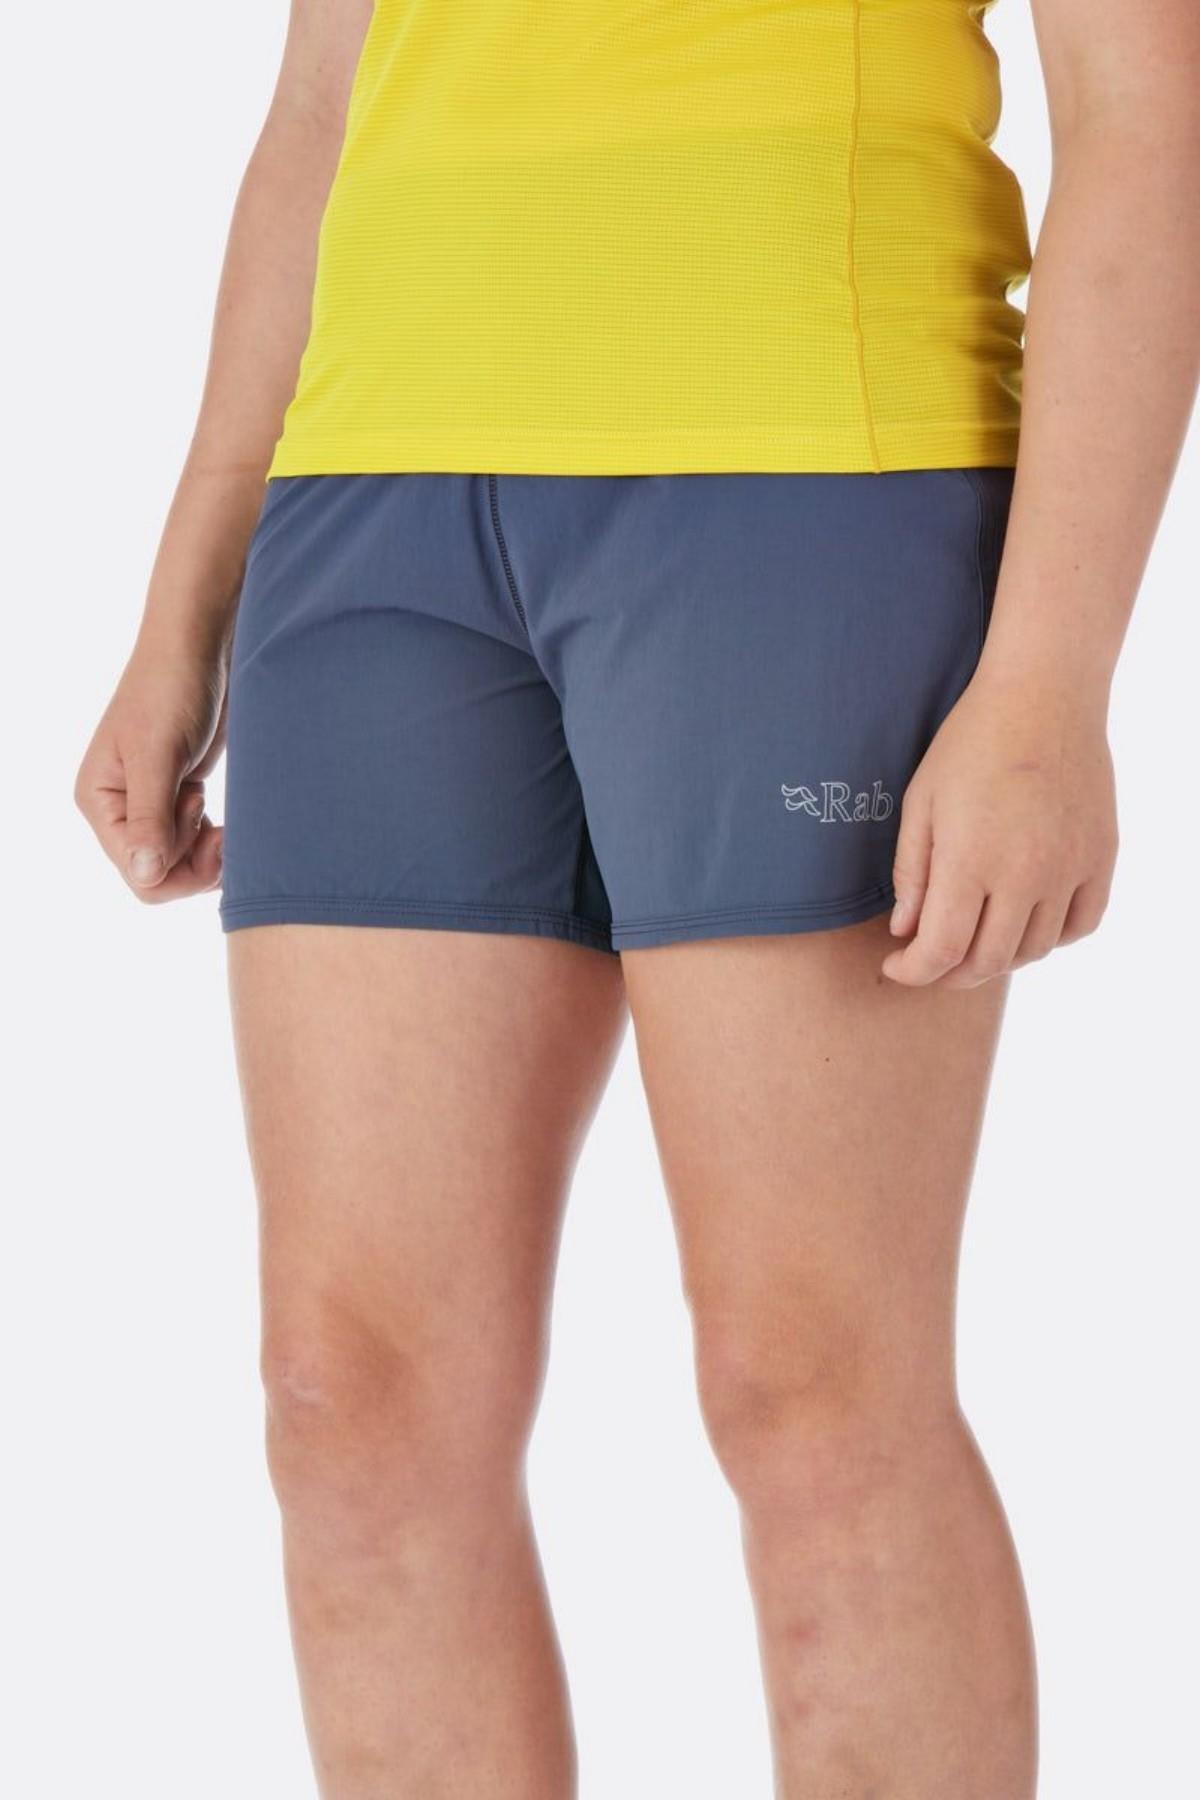 Paramo Womens Alipa Shorts